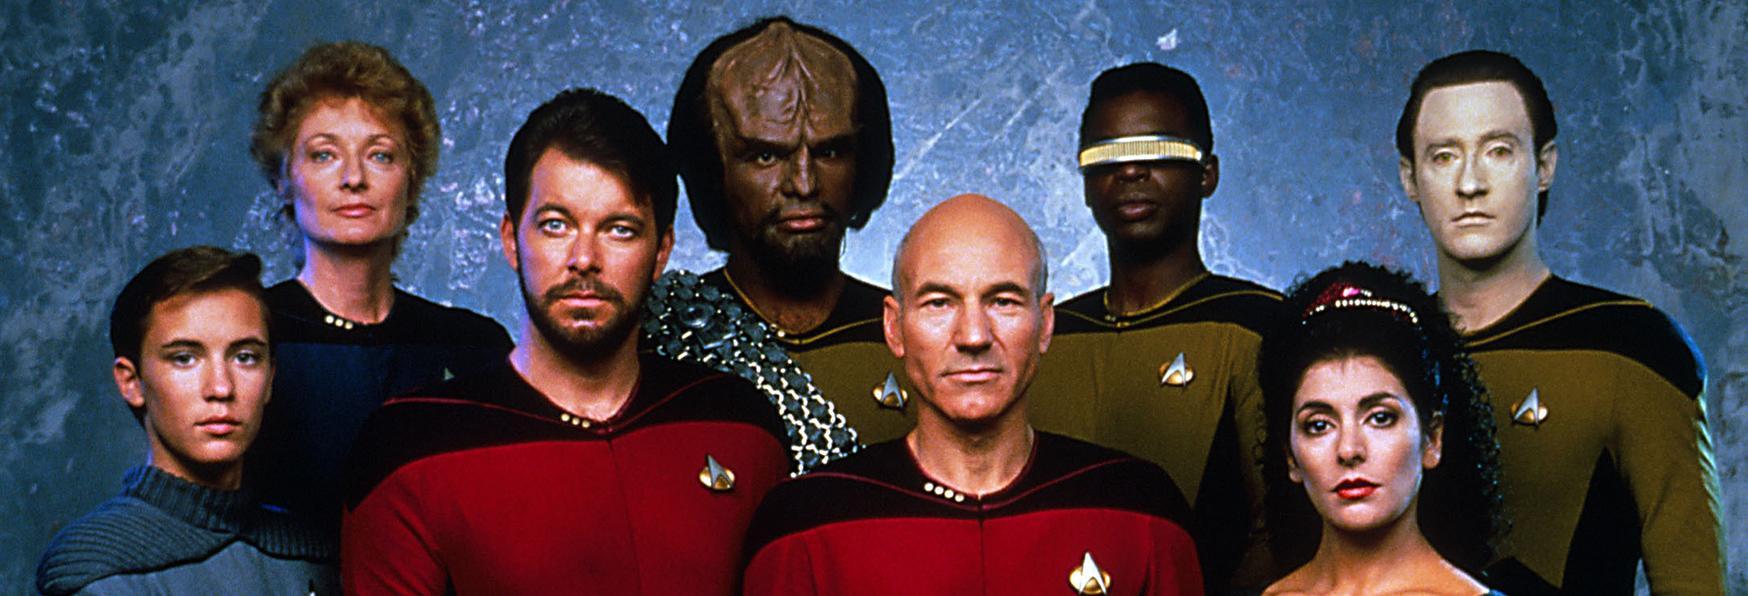 Star Trek: svelate due nuove Serie TV Live-Action in Lavorazione